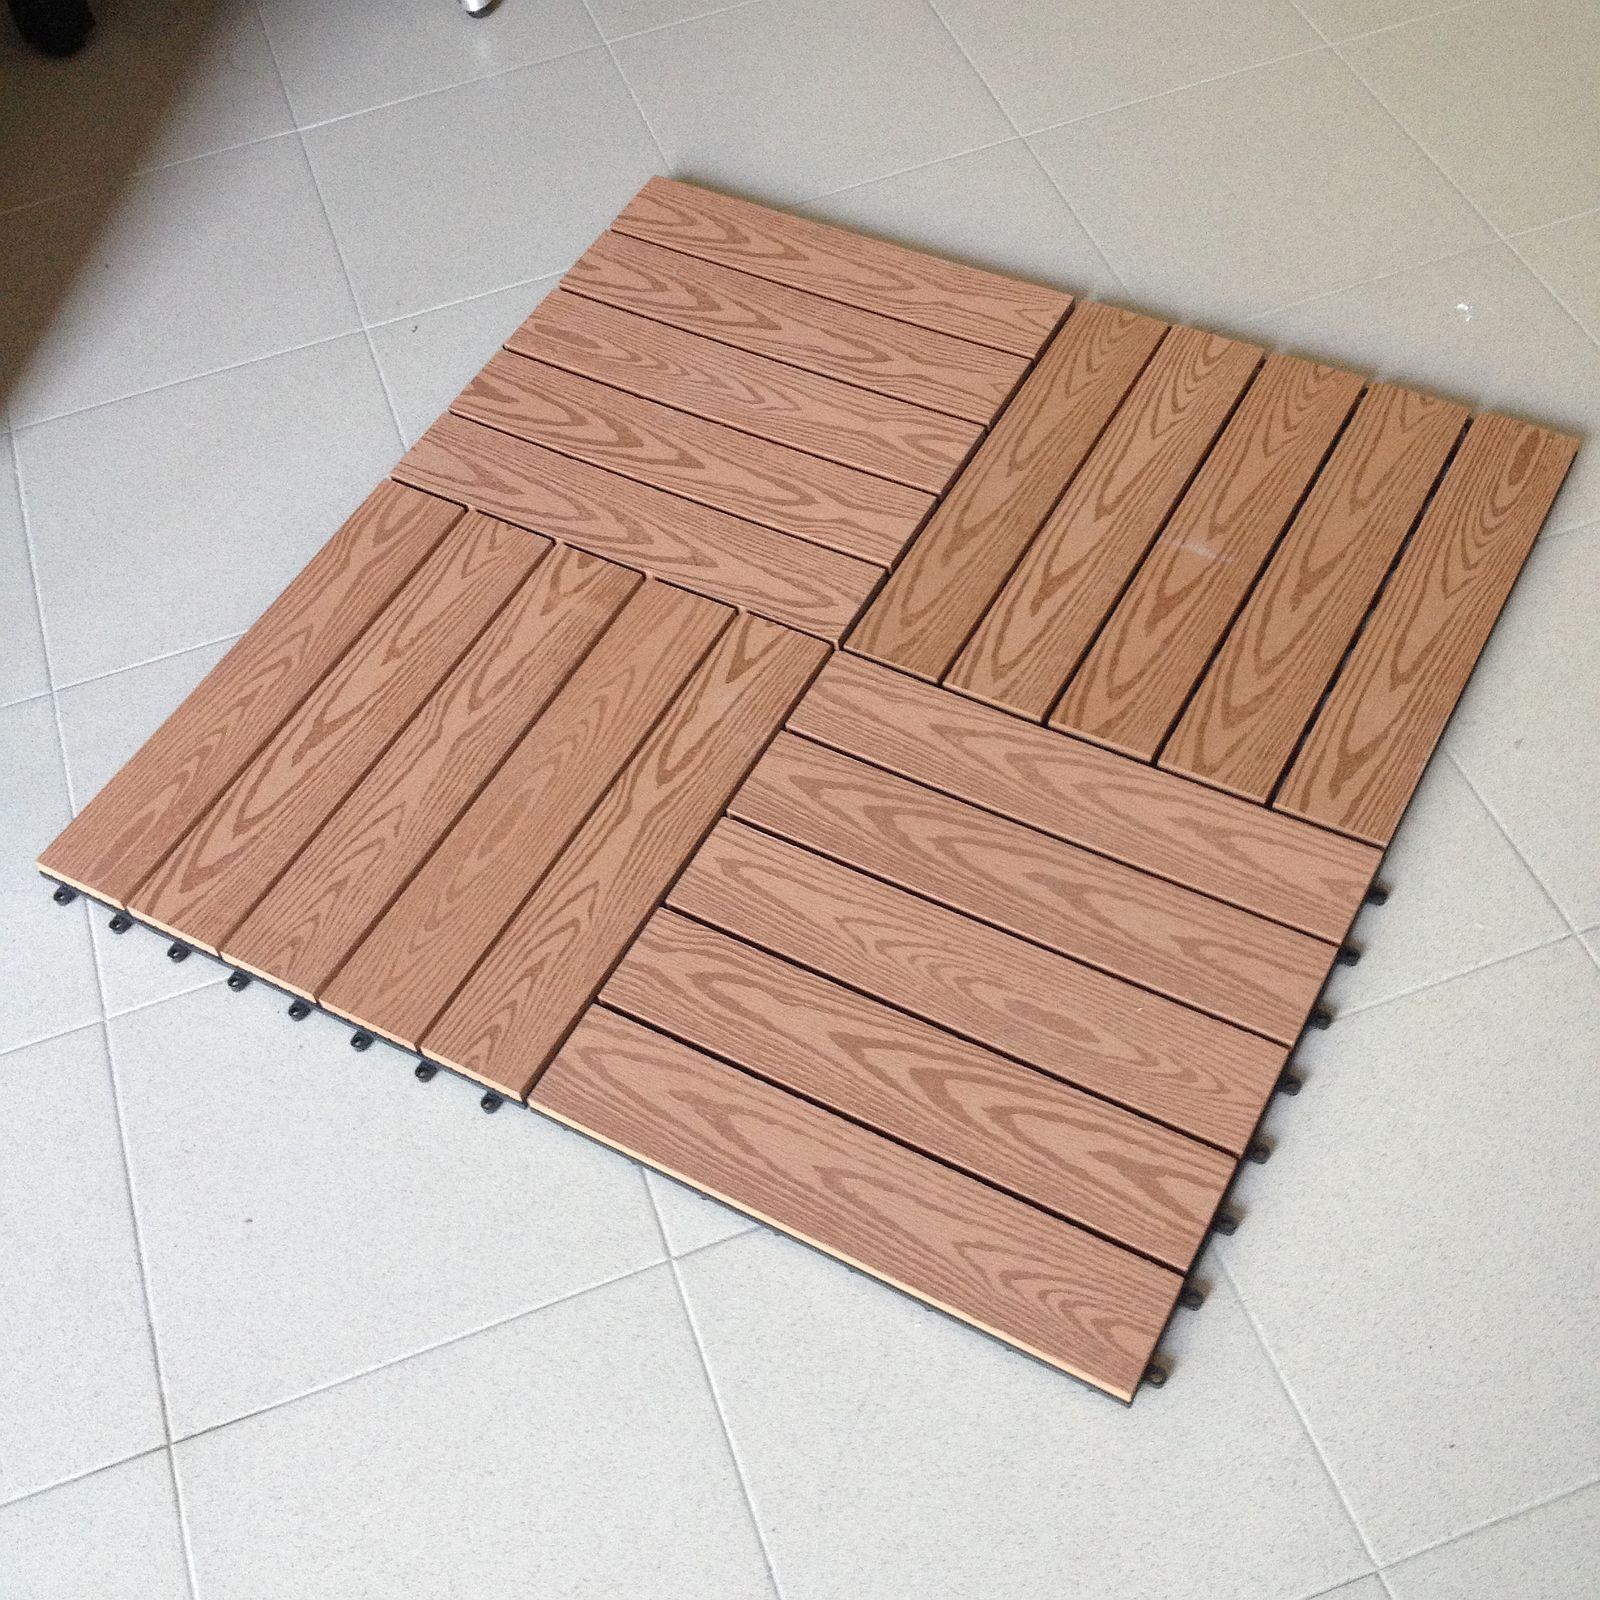 mattonelle mattonella cm 30x30 in wpc pavimento legno On mattonelle in plastica ad incastro